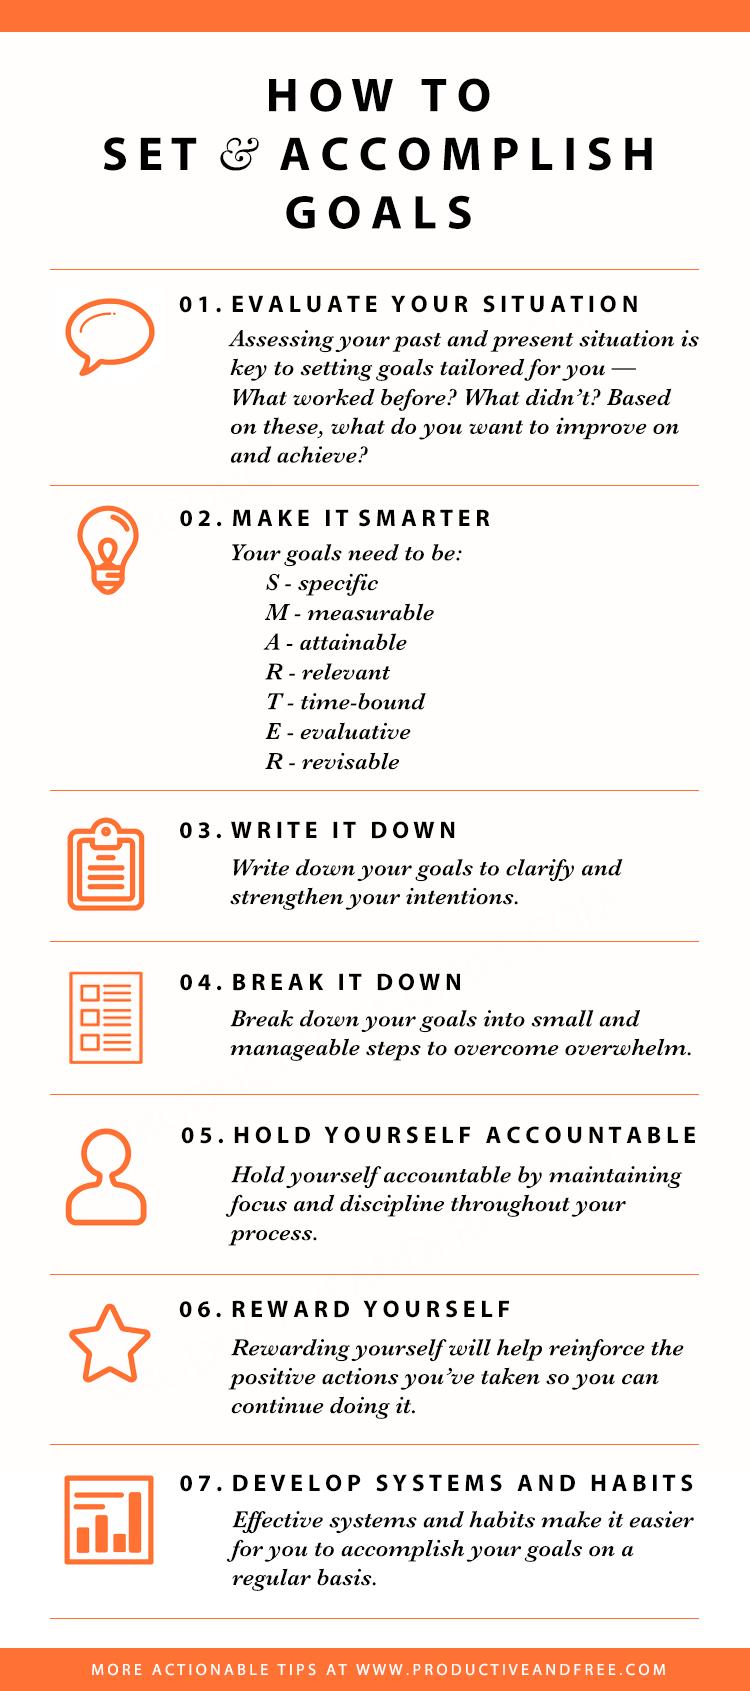 Set and accomplish goals | ProductiveandFree.com